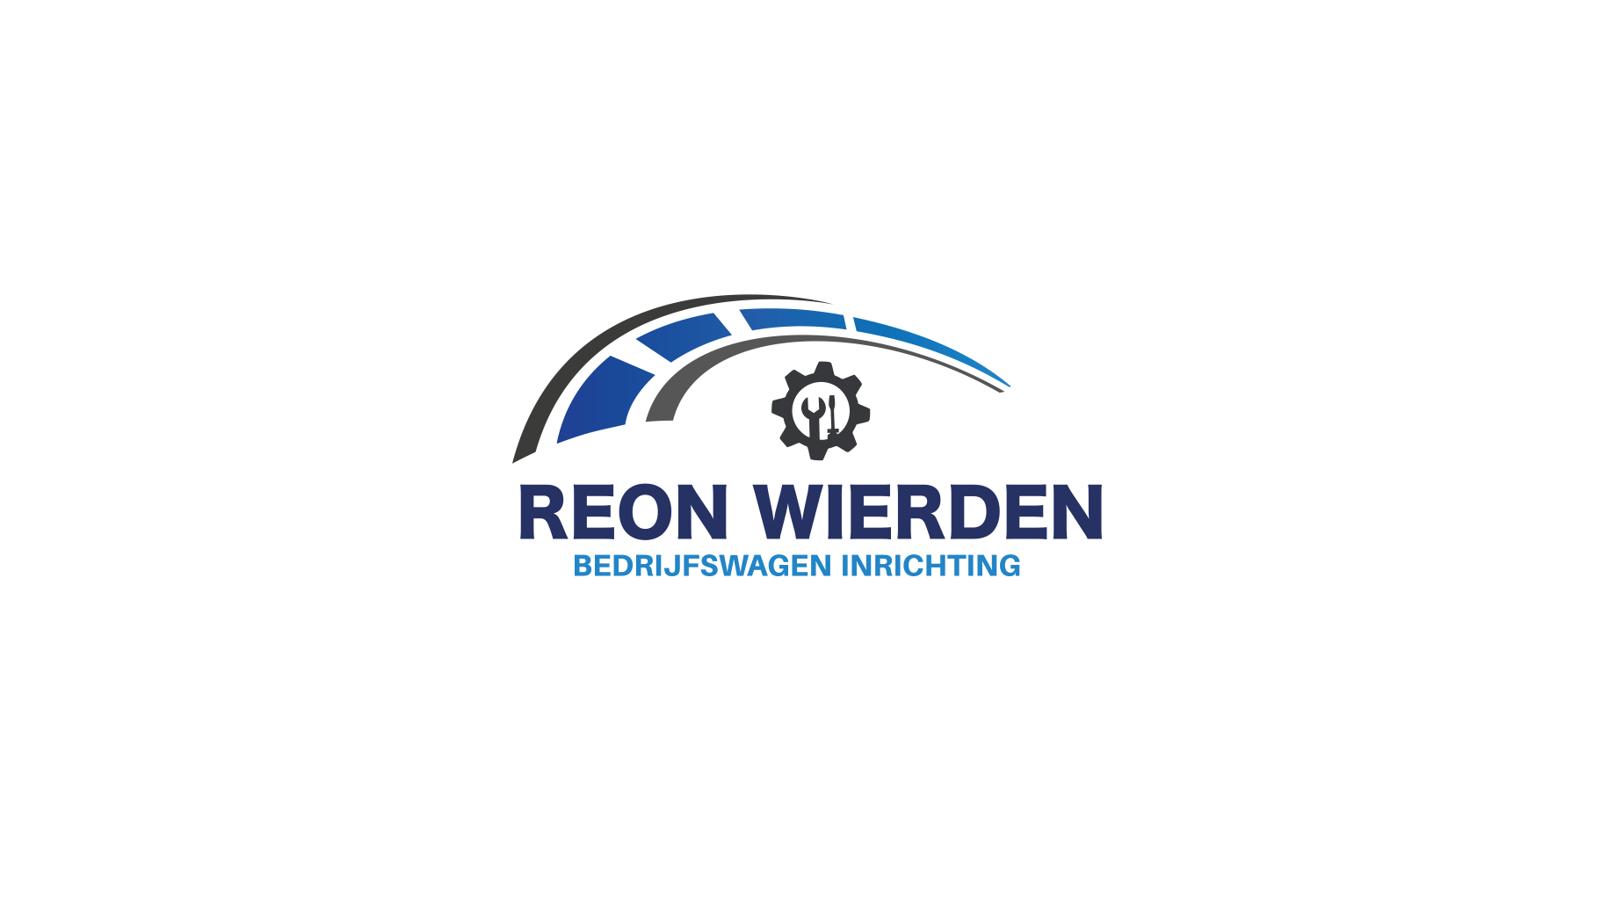 Reon Wierden